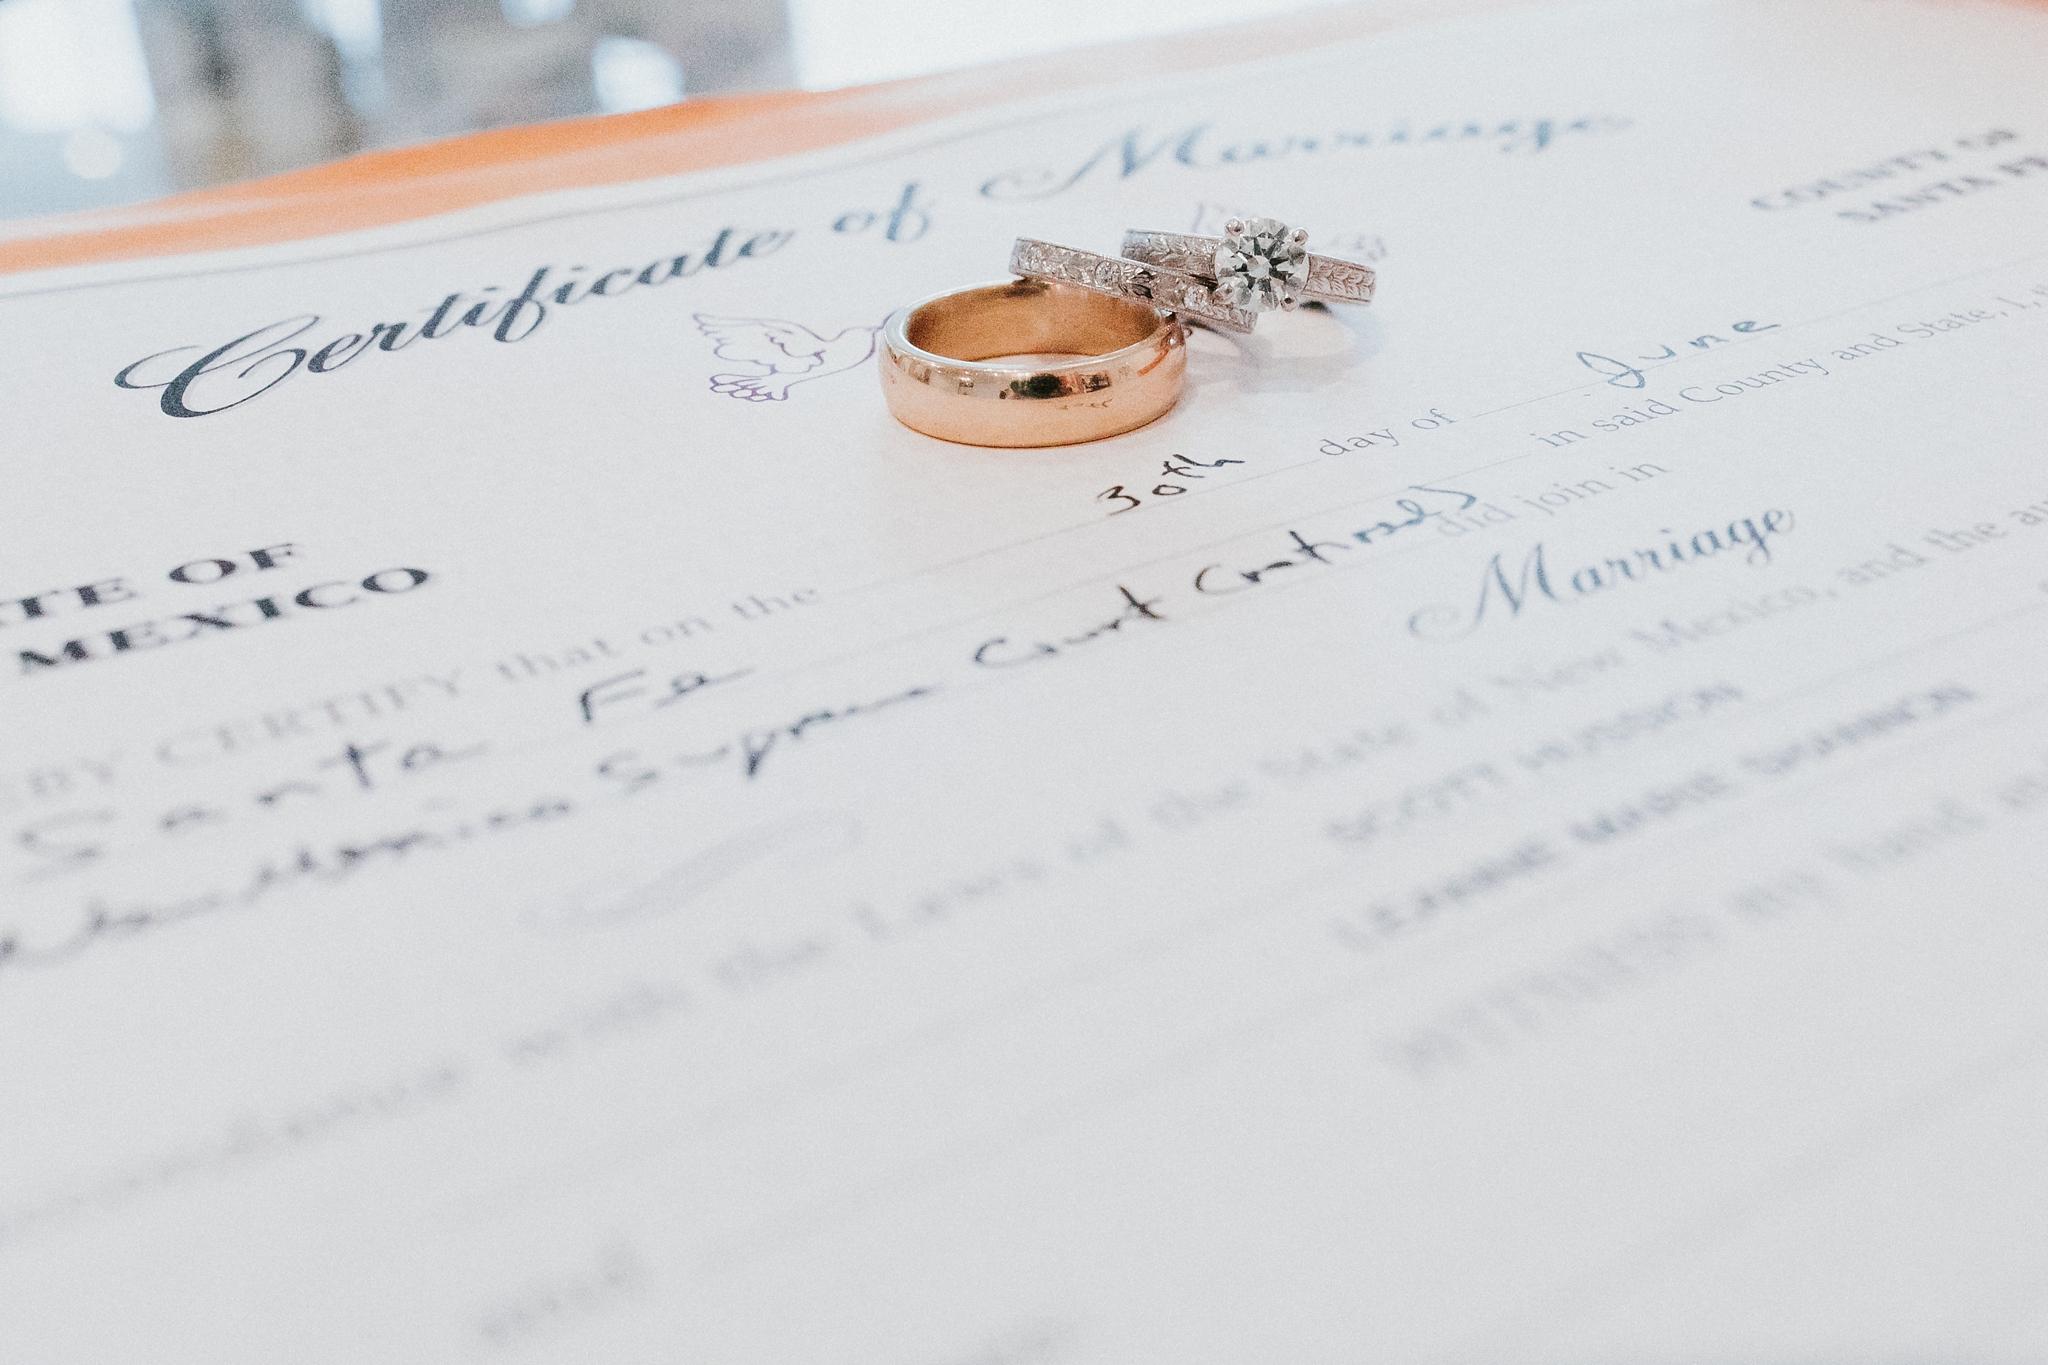 Alicia+lucia+photography+-+albuquerque+wedding+photographer+-+santa+fe+wedding+photography+-+new+mexico+wedding+photographer+-+new+mexico+wedding+-+santa+fe+wedding+-+albuquerque+wedding+-+wedding+rings+-+engagement+rings_0027.jpg